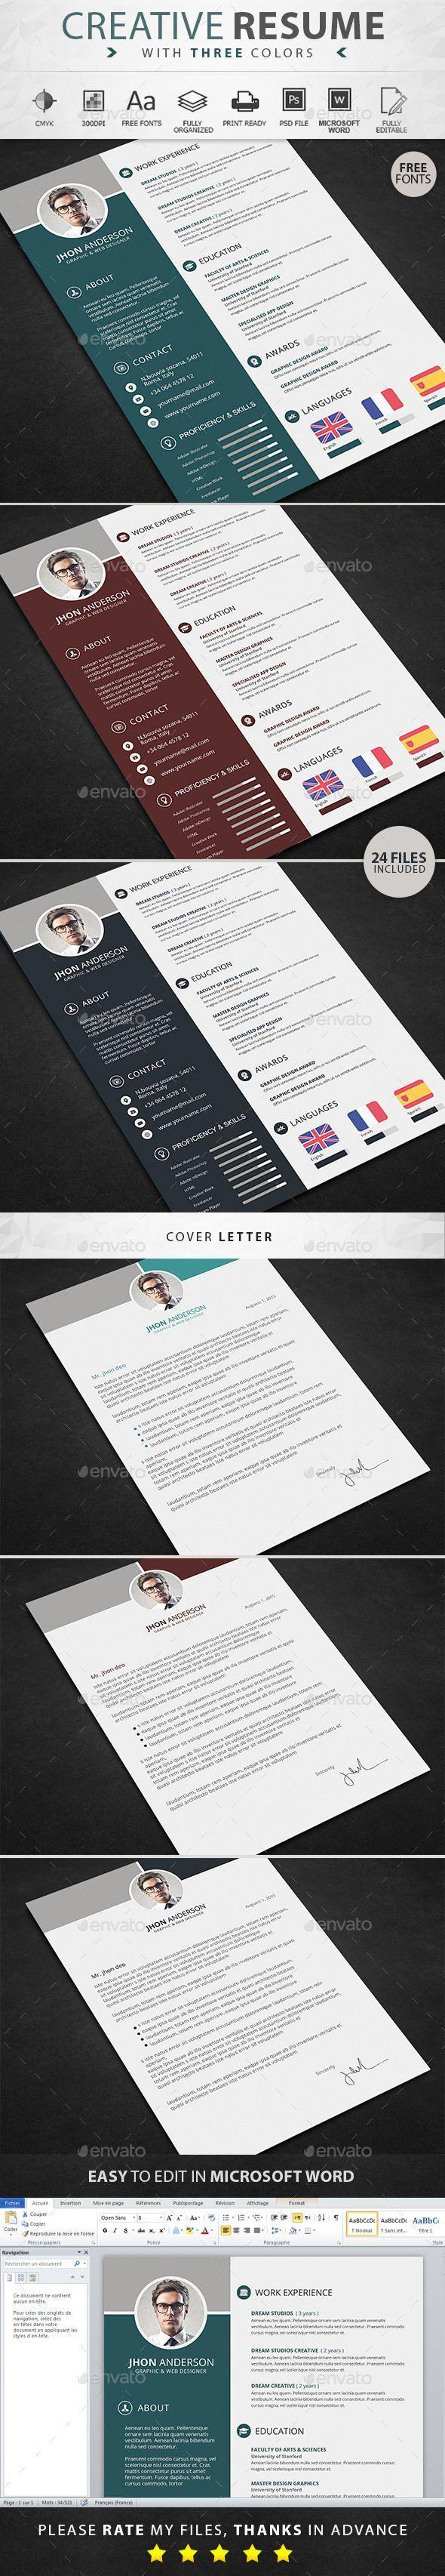 Resume Template design Download httpgraphicrivernetitem 9 best